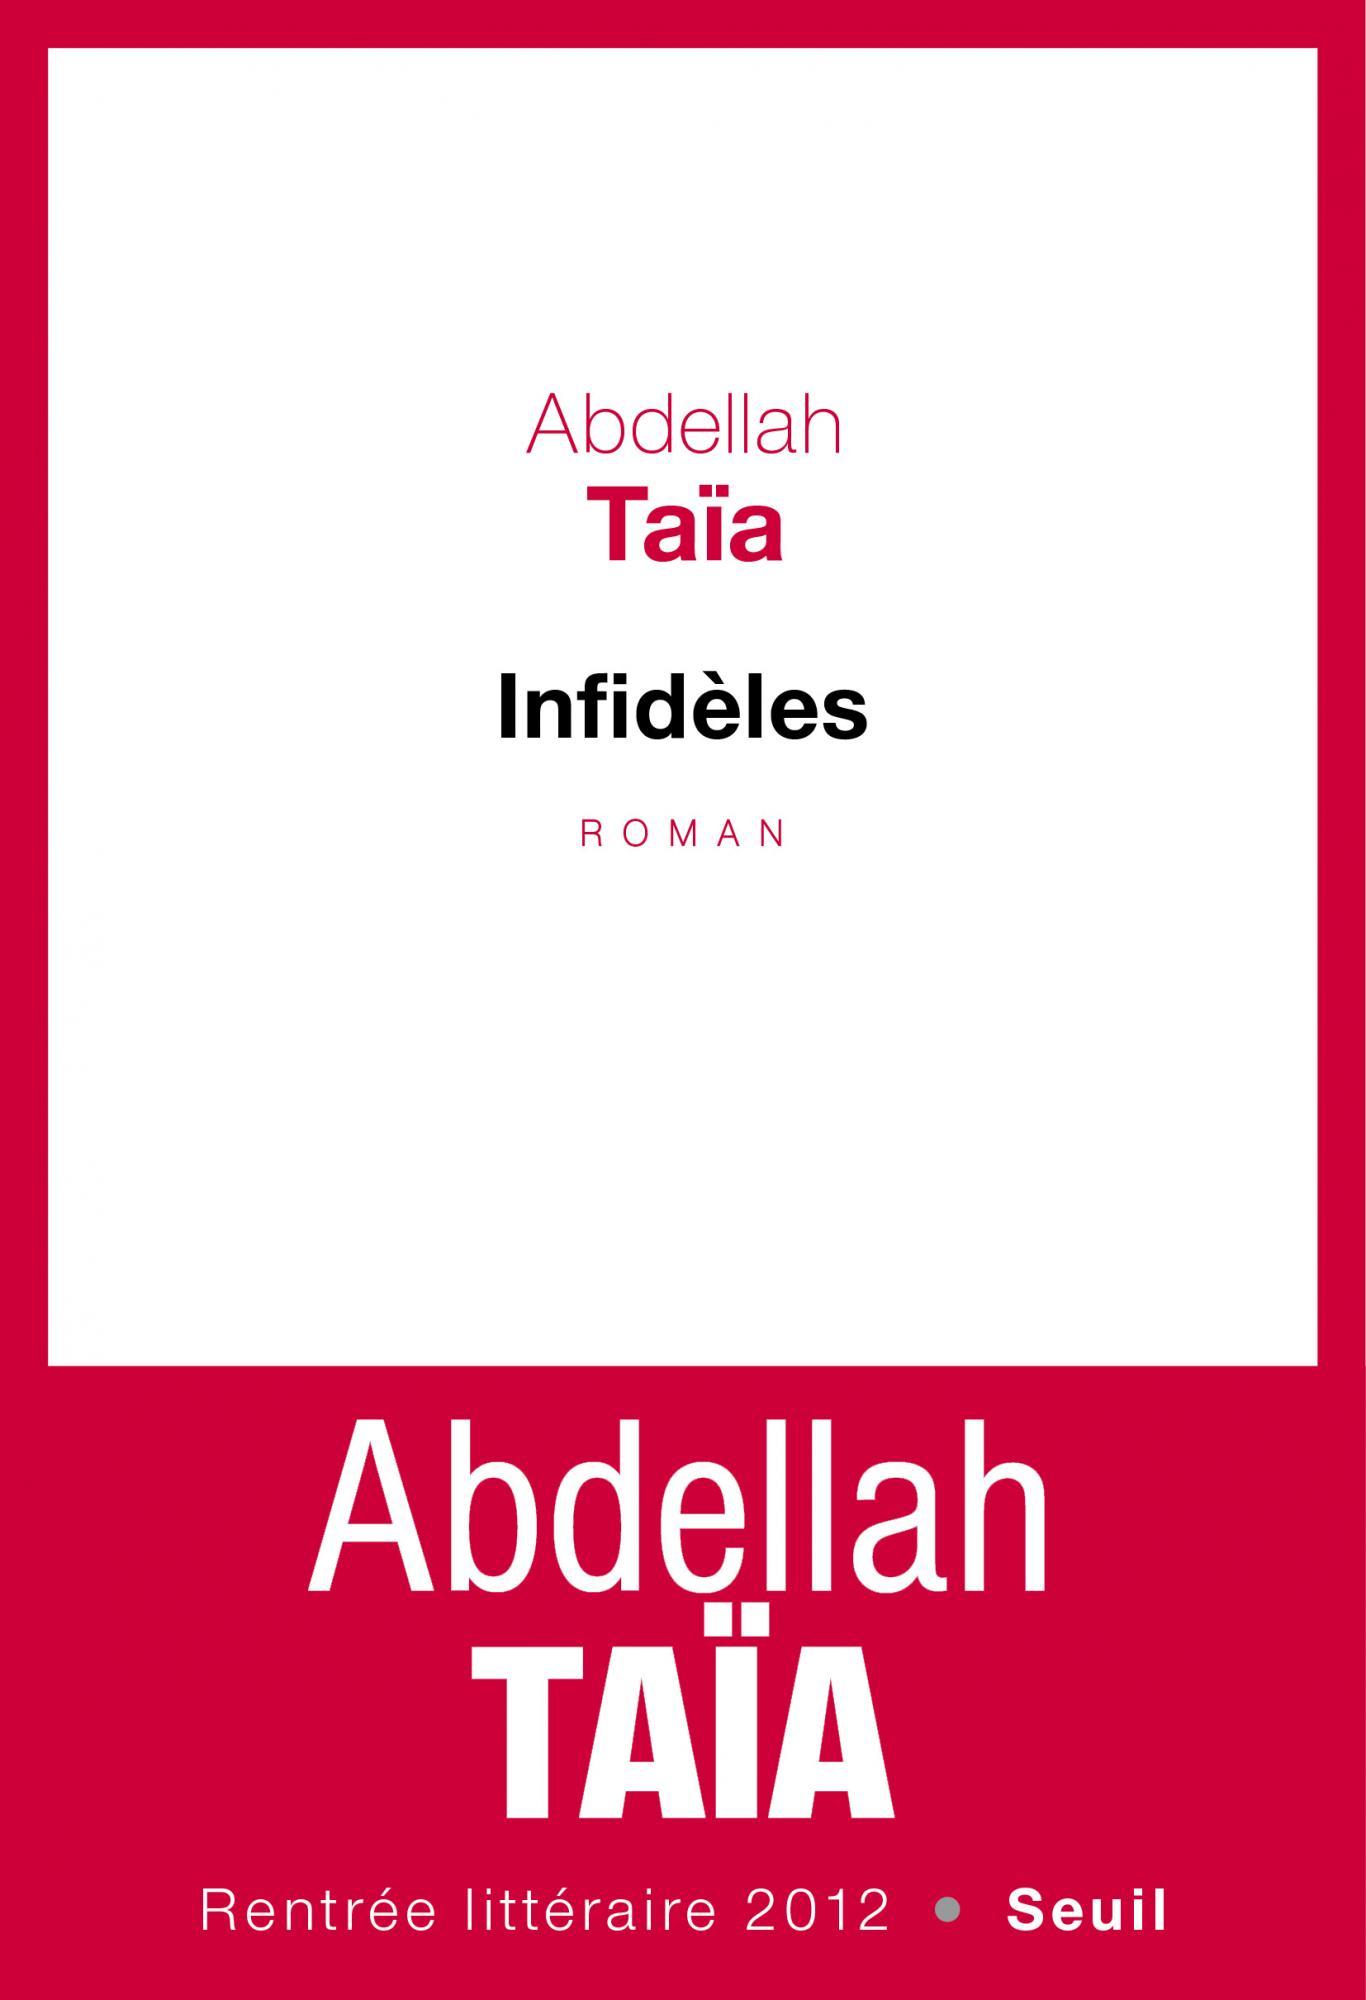 """Résultat de recherche d'images pour """"abdellah taia infideles"""""""